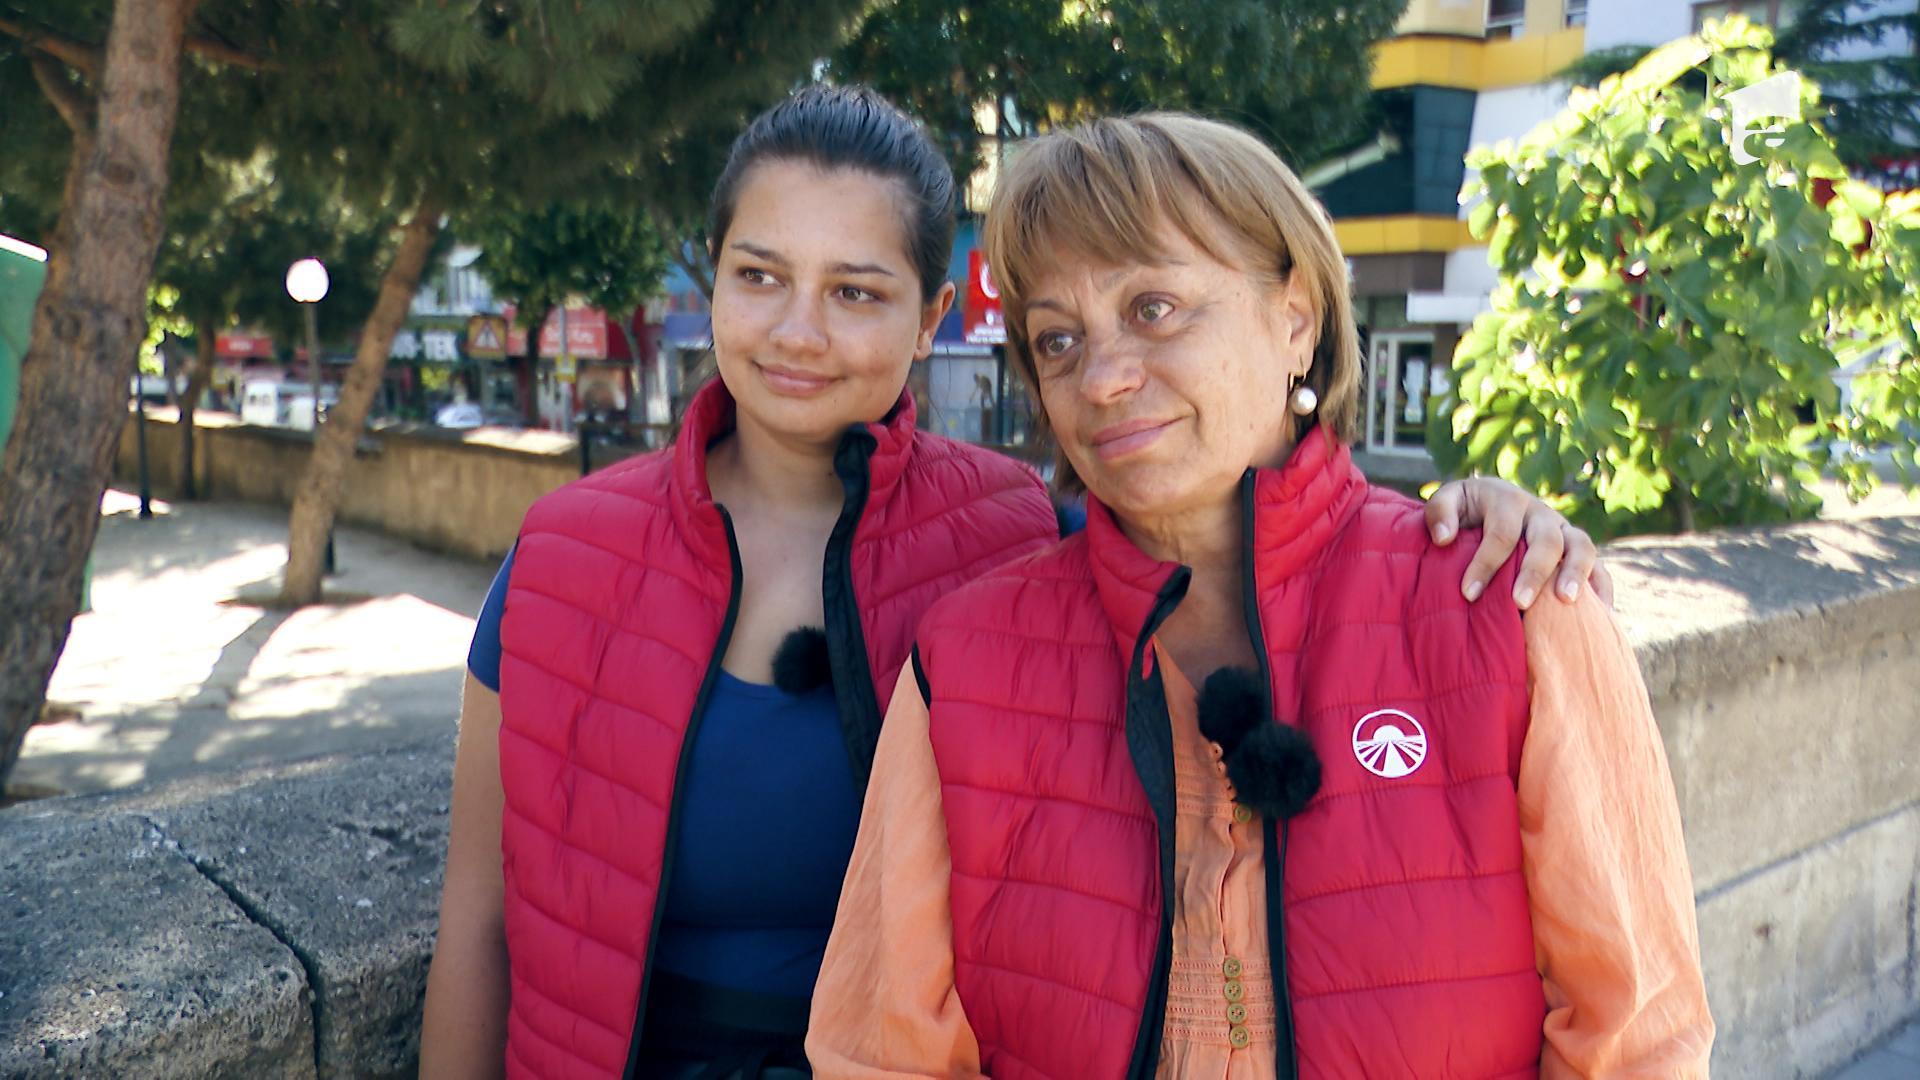 Adriana Trandafir și Maria Speranța, momente de maximă dificultate la Asia Express. Prin ce au trecut cele doua